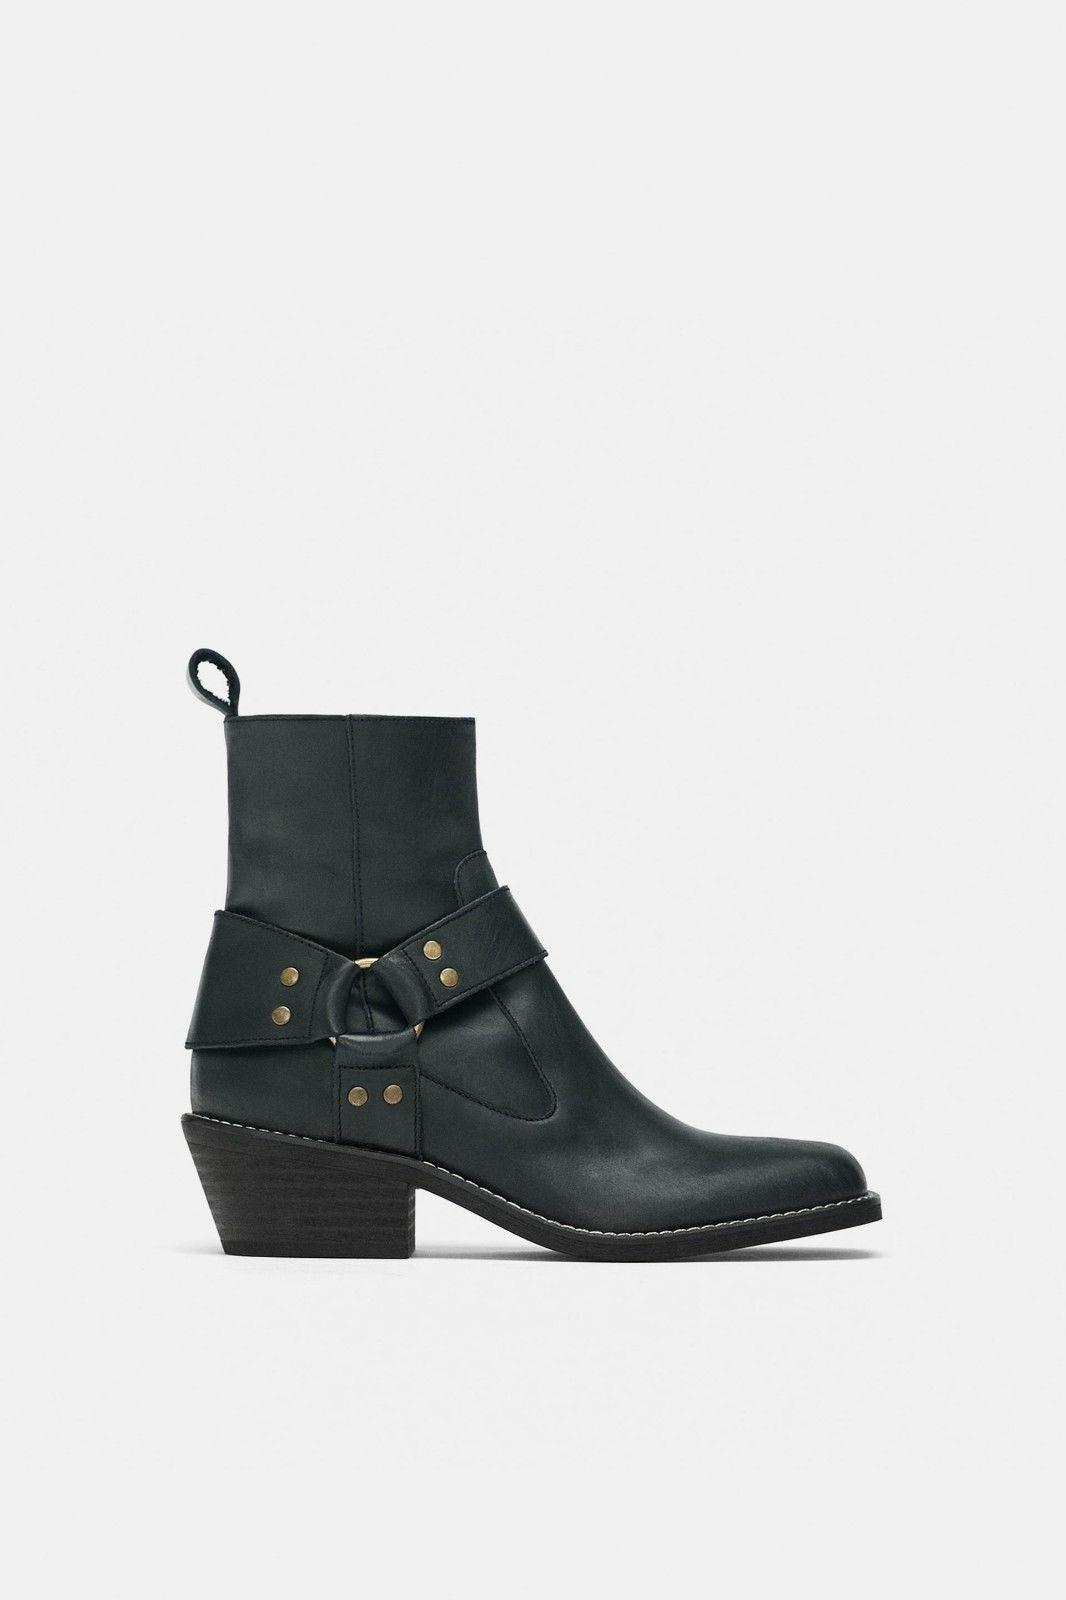 Zara nuevo AW18 botas al Tobillo occidental de Cuero Negro Talla  Ref. 7155 301